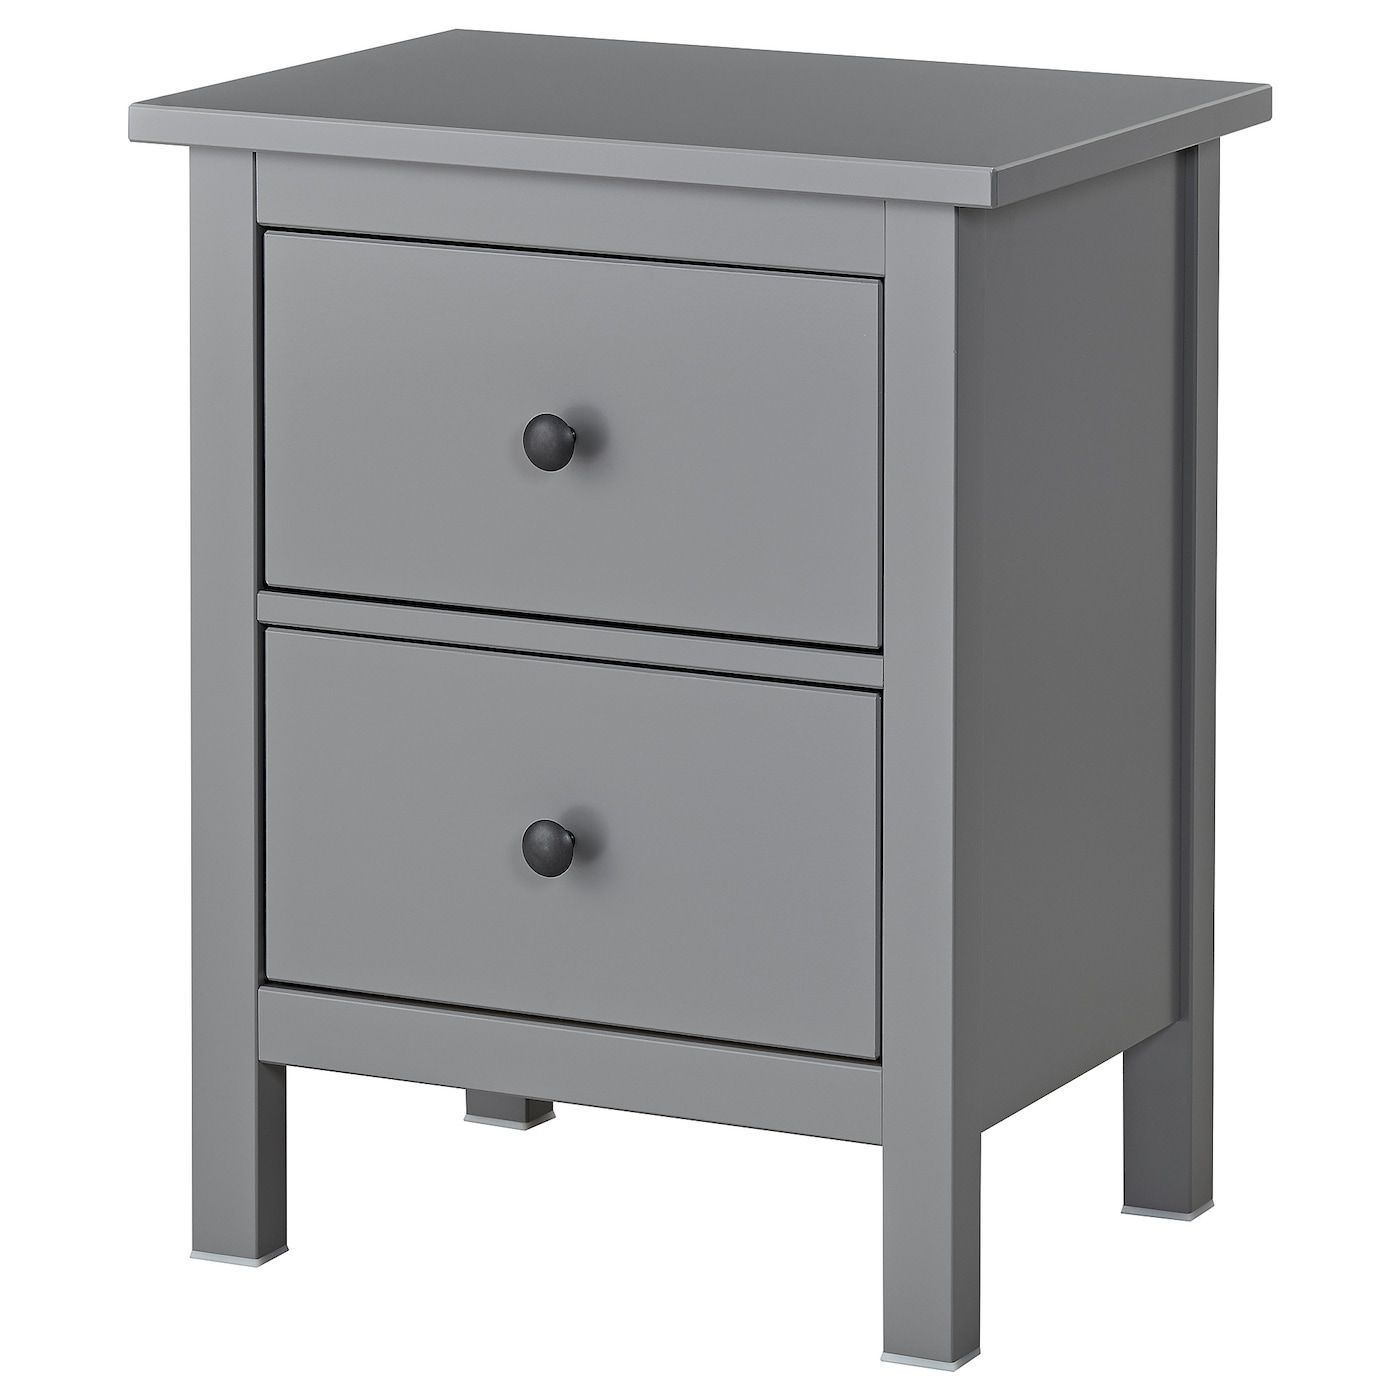 Hemnes Grey Chest Of 2 Drawers 54x66 Cm Ikea In 2020 Graue Schlafzimmermobel Hemnes Schubladen